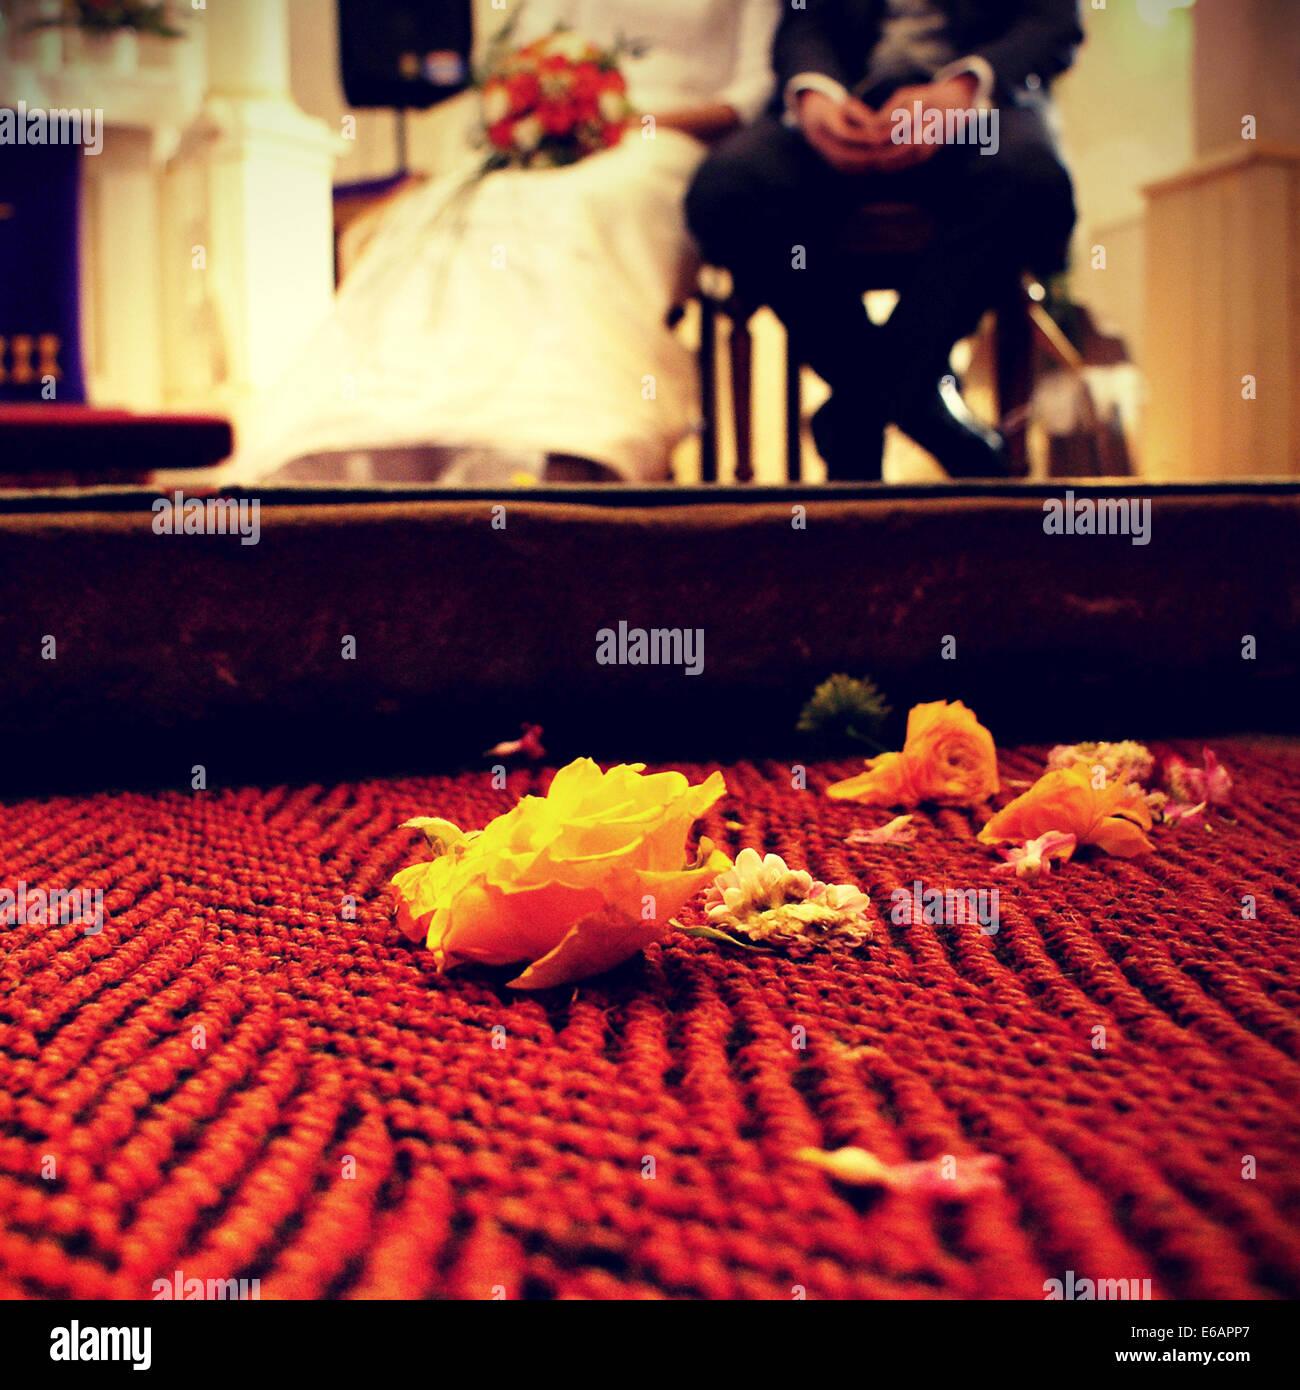 wedding,wedding ceremony,bridal couple - Stock Image